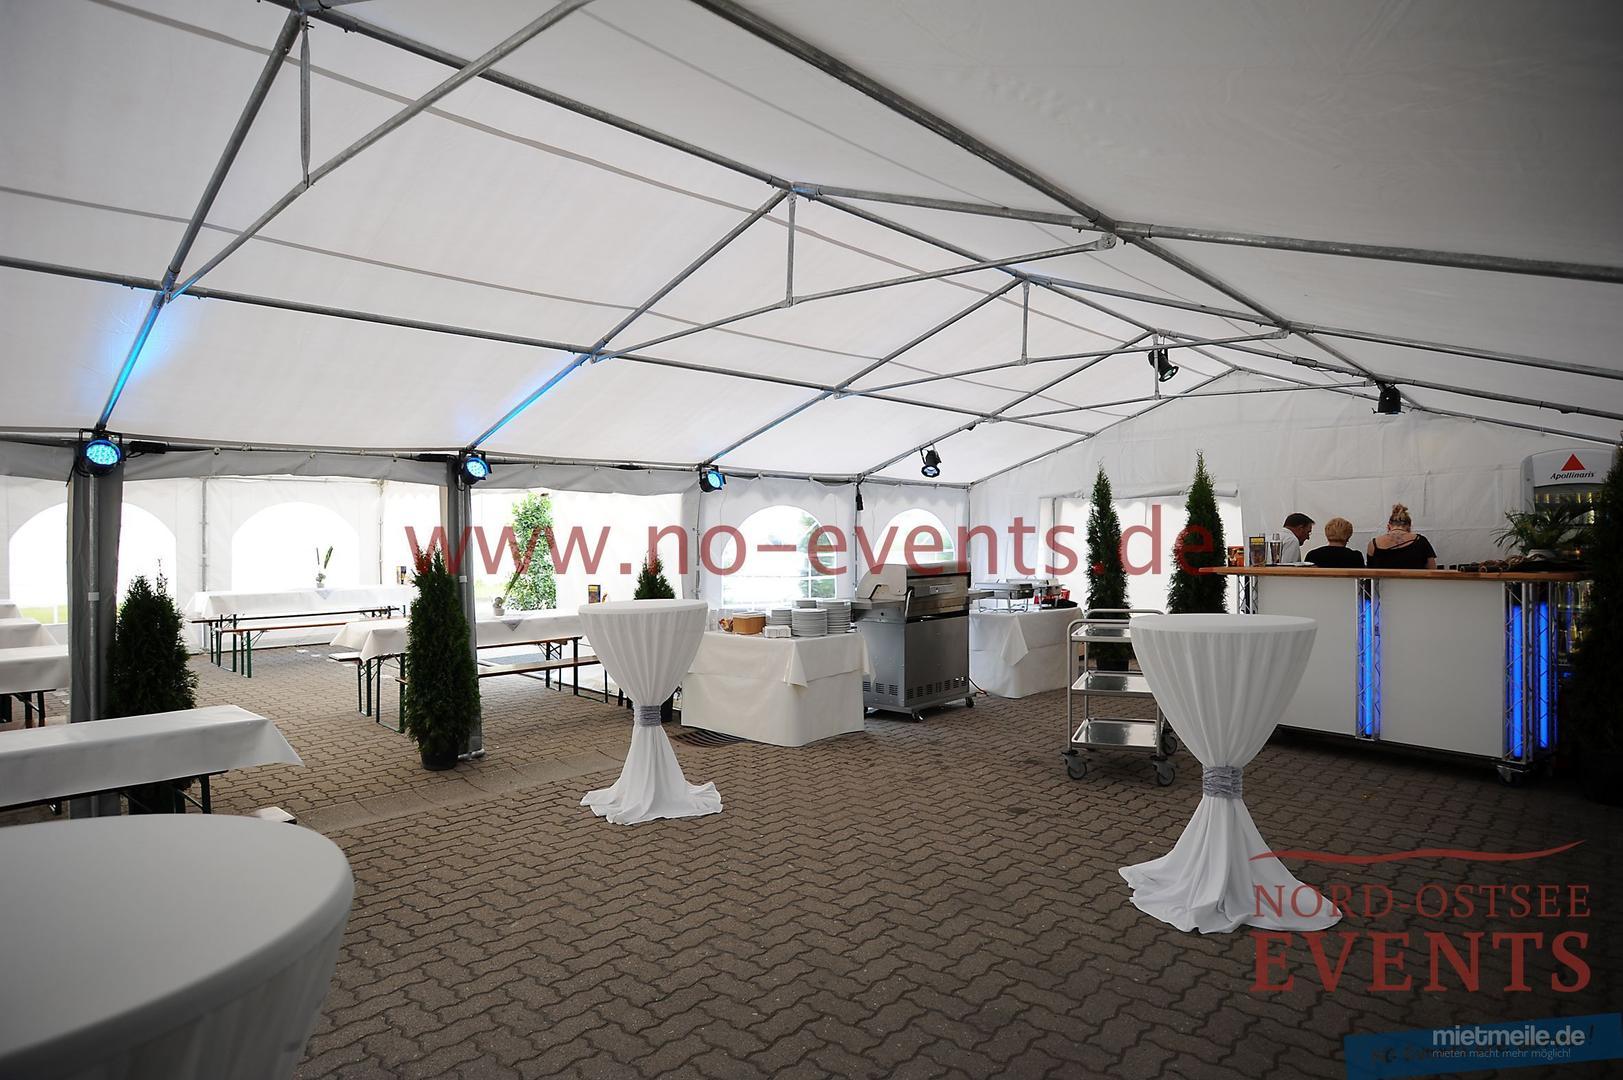 Partyzelte mieten & vermieten - Pavillon 3 x 3 x 2,5 m / Stoff / Blau / inkl. Auf- und Abbau auf Rasen in Neumünster